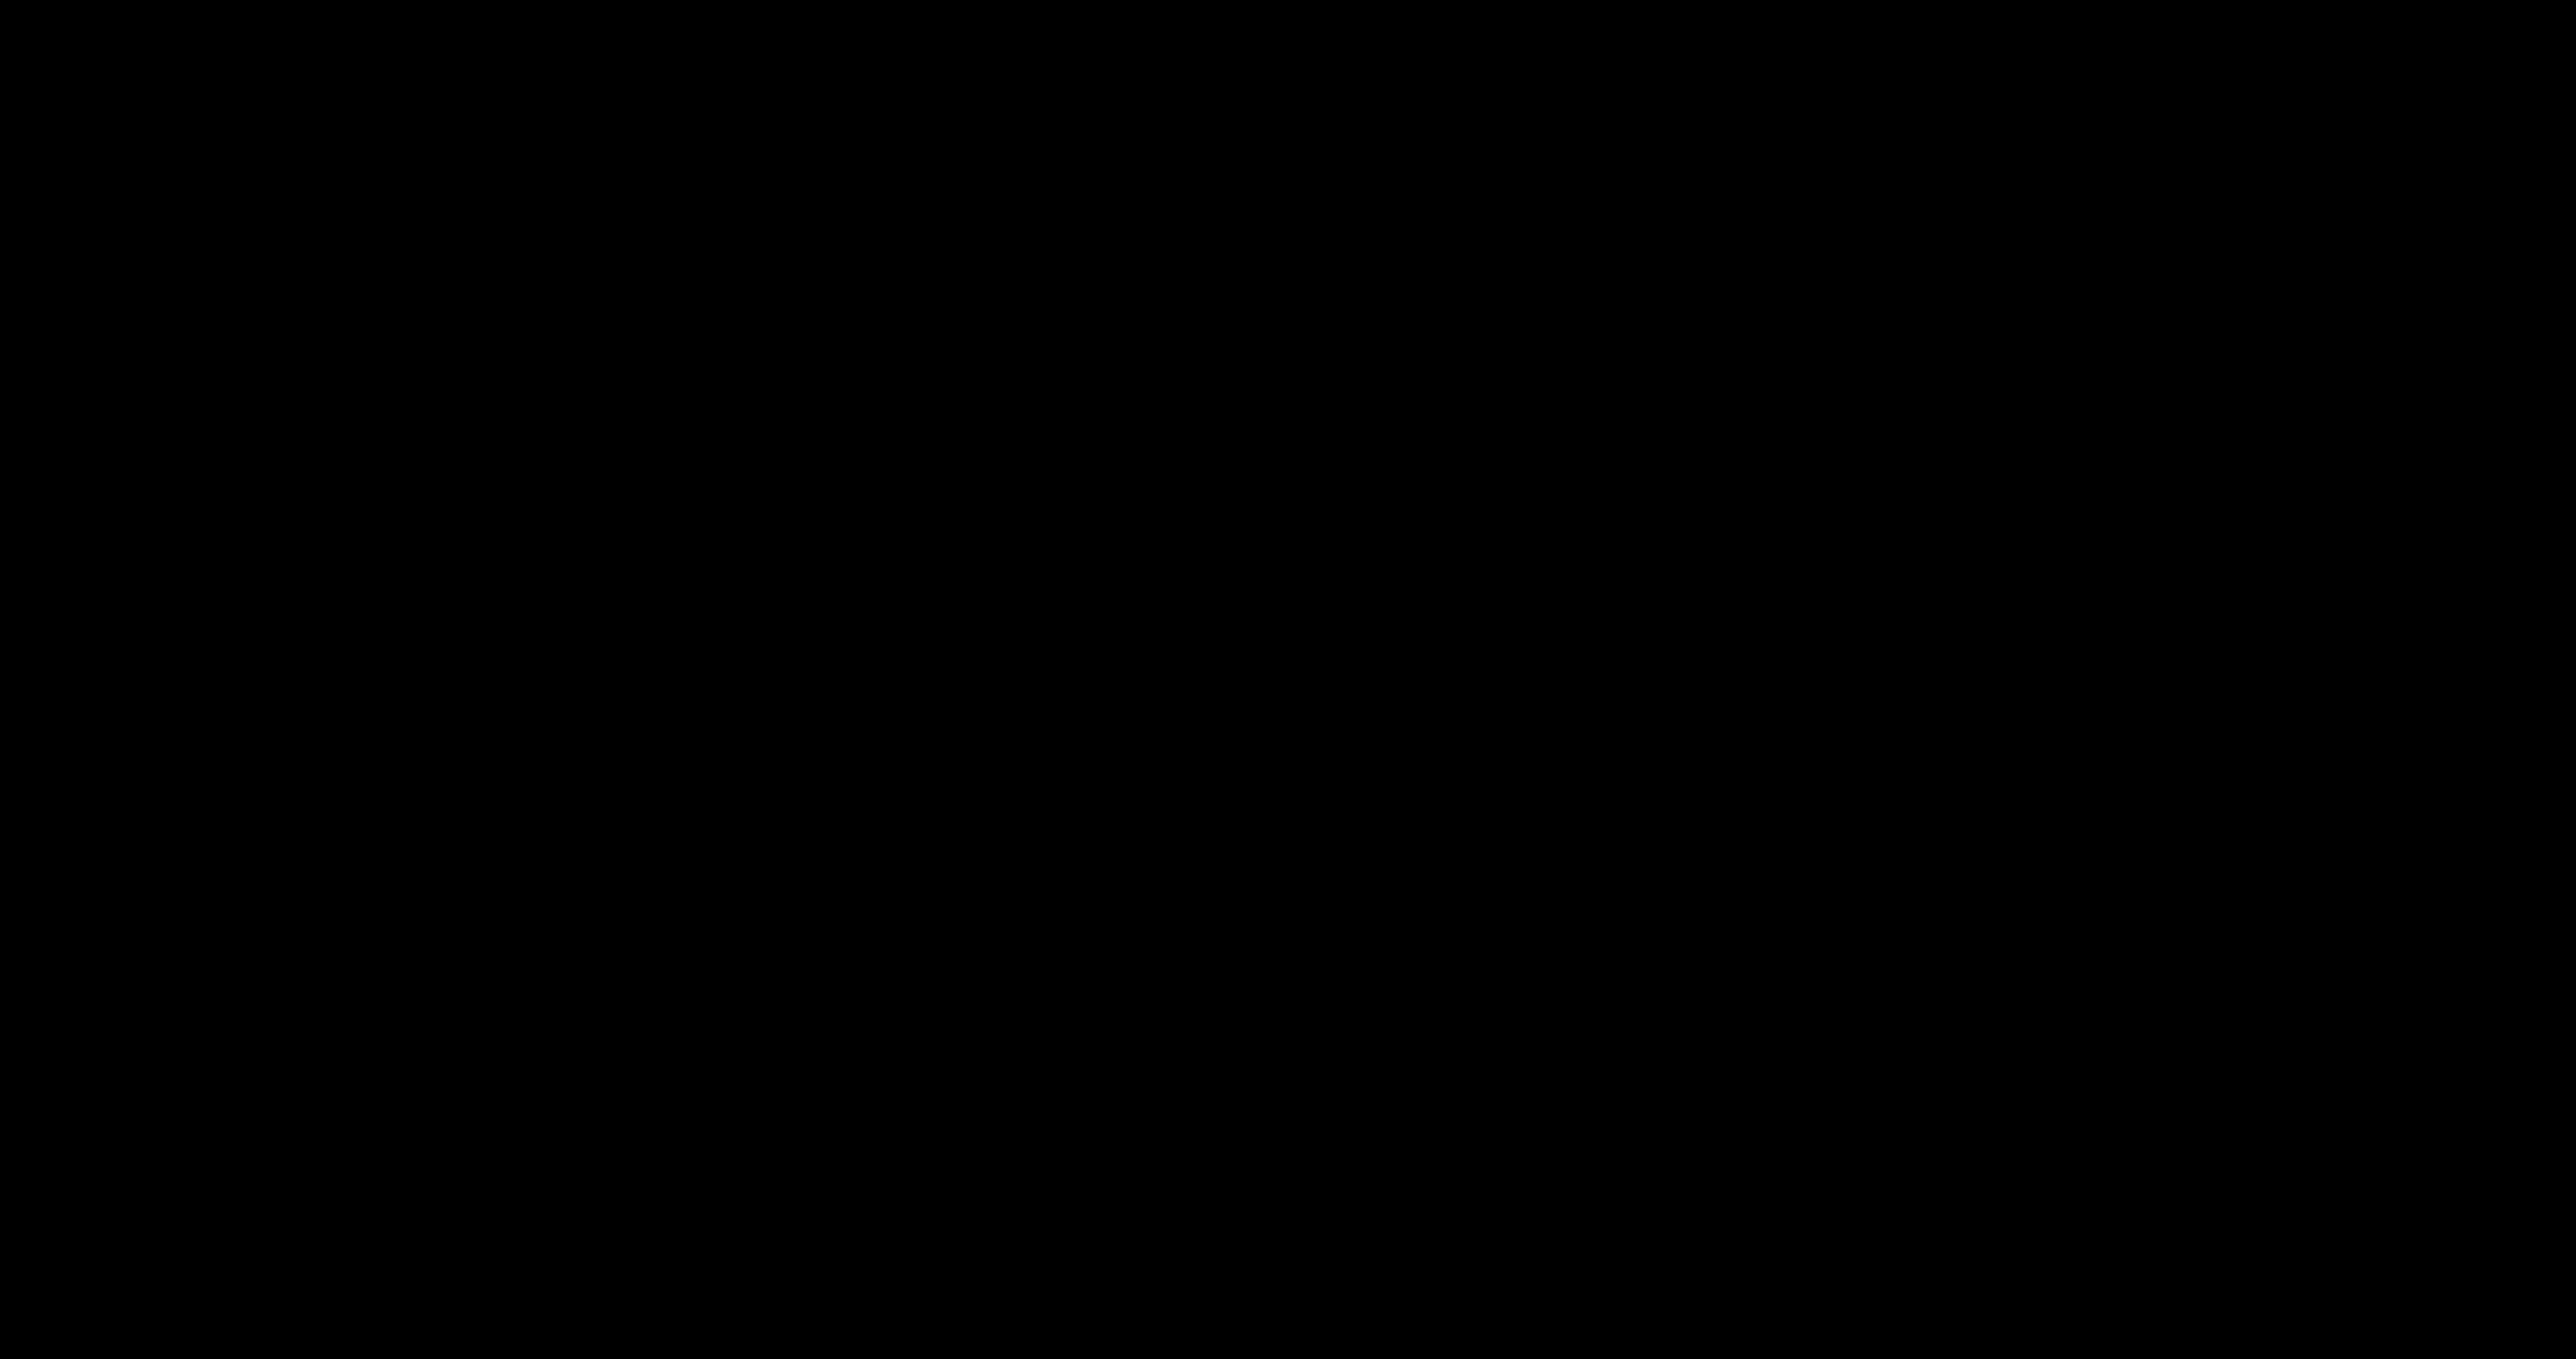 INFOGRAPHIE - LES TENDANCES DU RECRUTEMENT EN ALTERNANCE : LES CHIFFRES CLES 2019